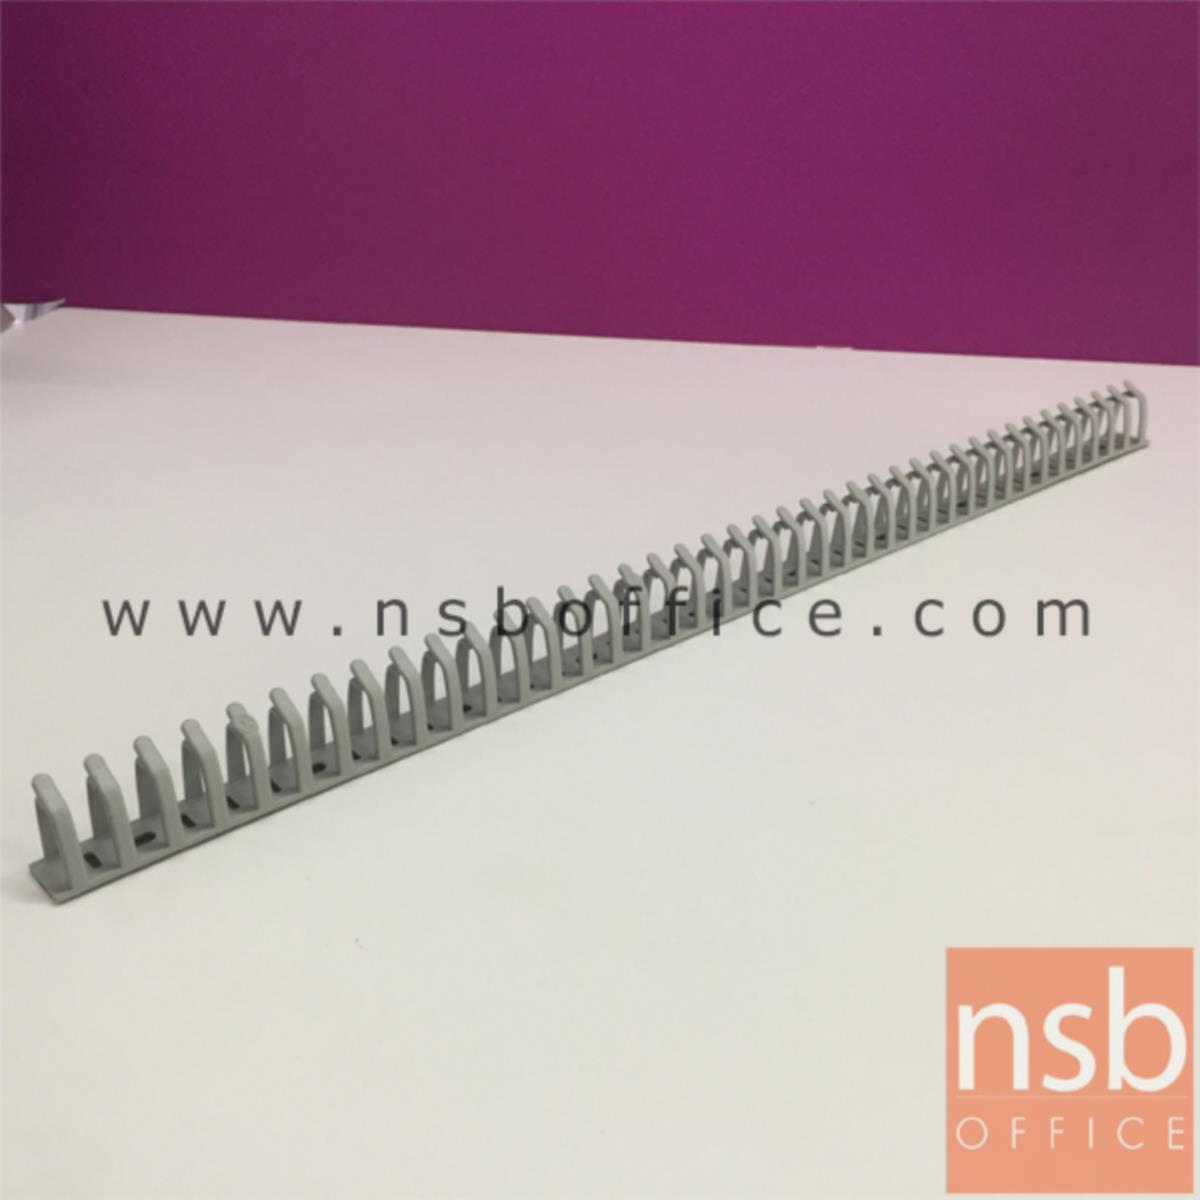 รางไฟพลาสติกแบบตีนตะขาบ รุ่น NSB-499 ขนาด 49W cm.  เก็บสายไฟใต้โต๊ะ